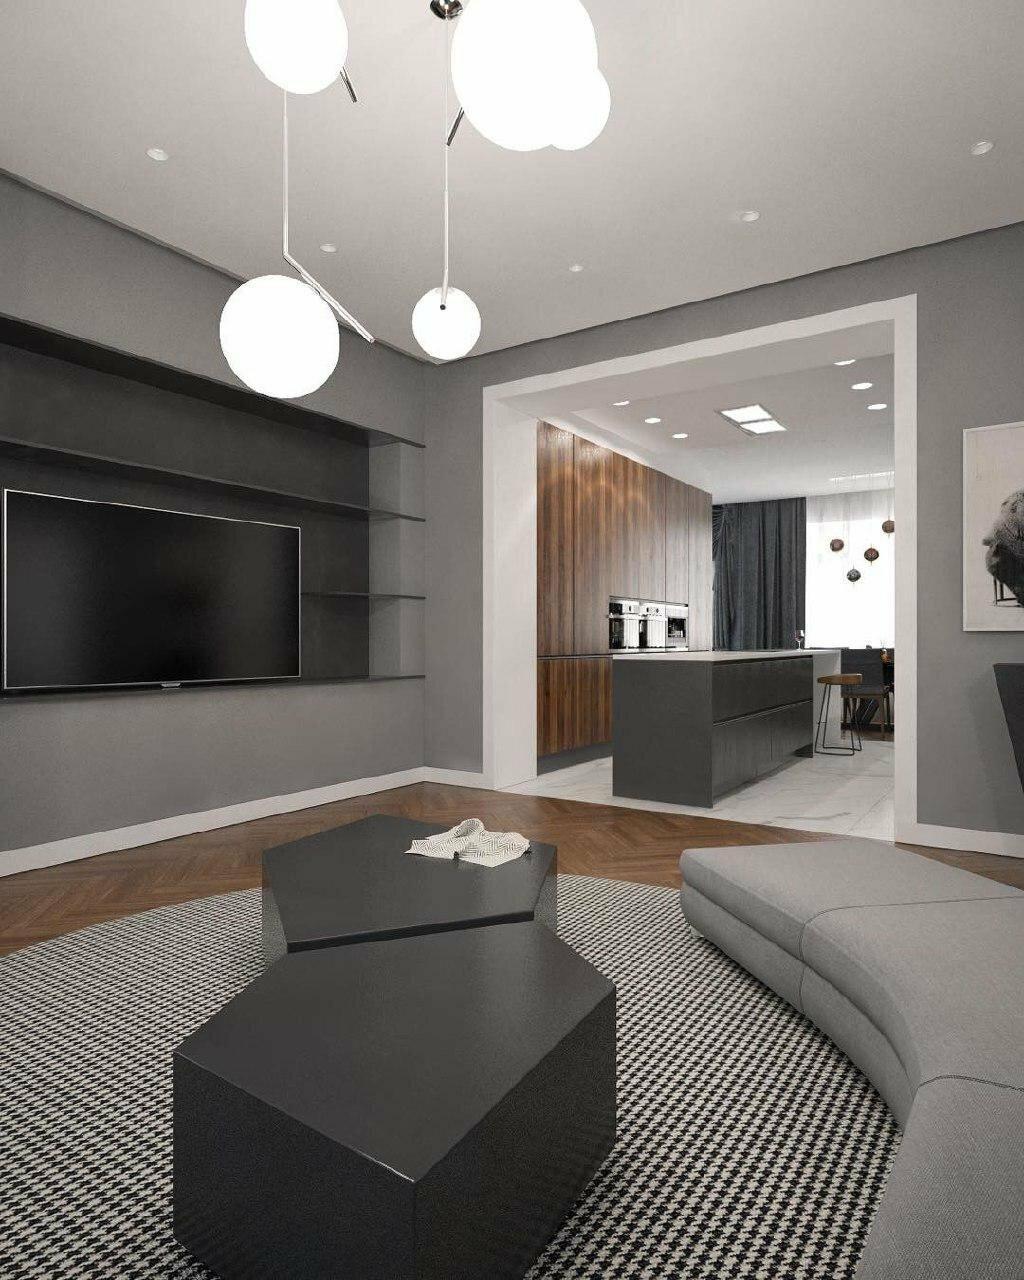 всё дизайн и интерьер квартиры картинки стратег